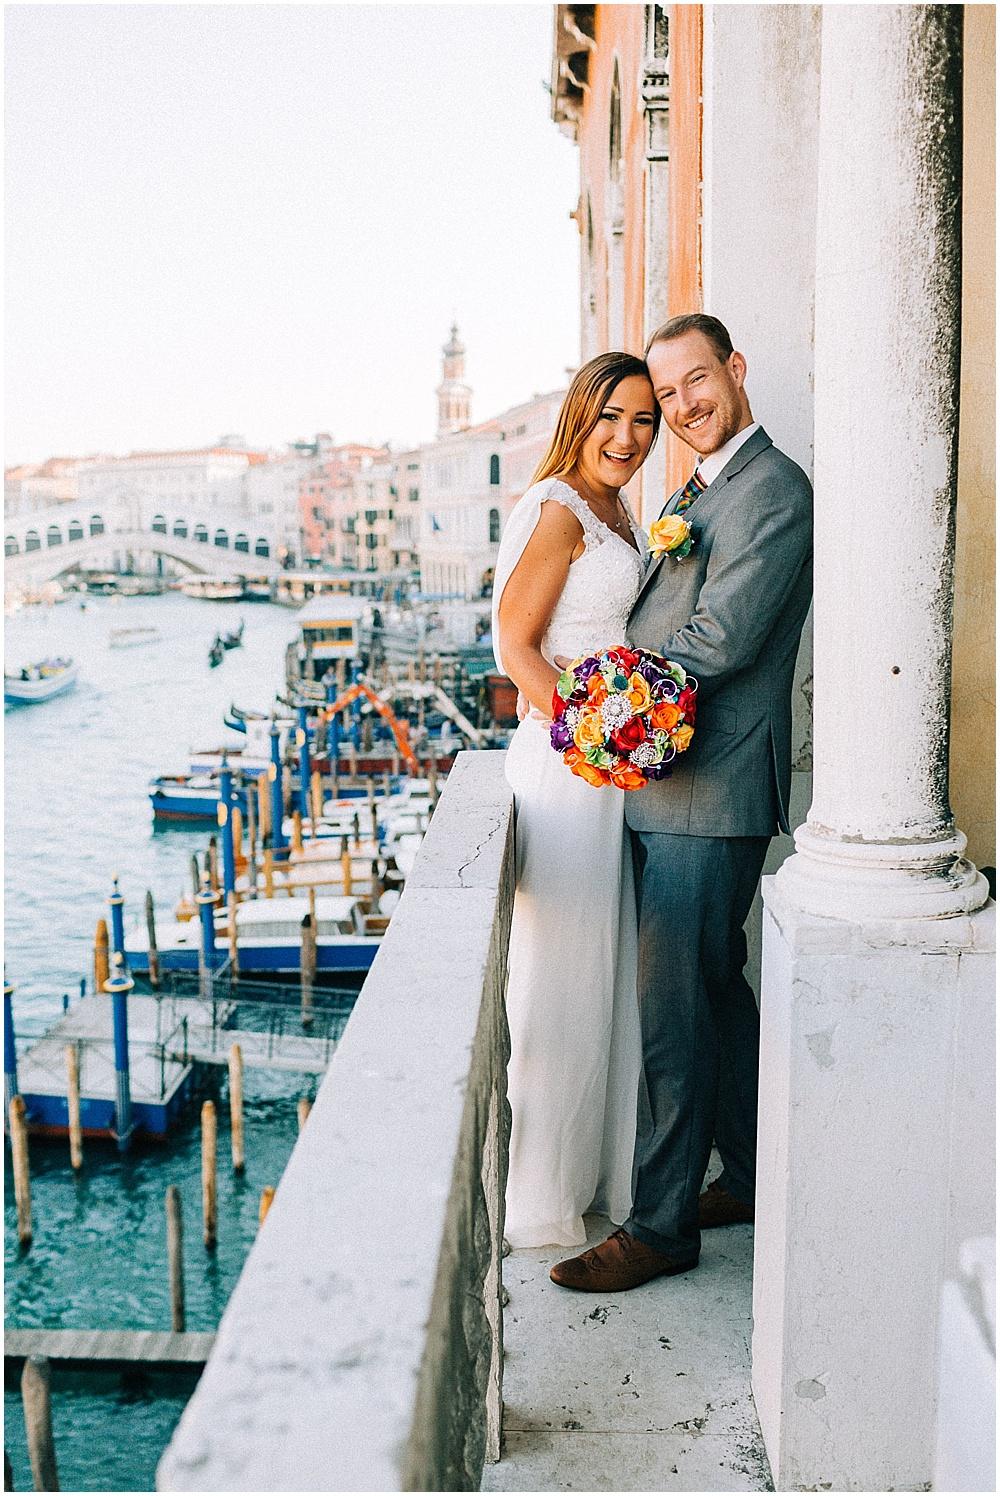 Venice-italy-wedding-photographer-stefano-degirmenci_0581.jpg